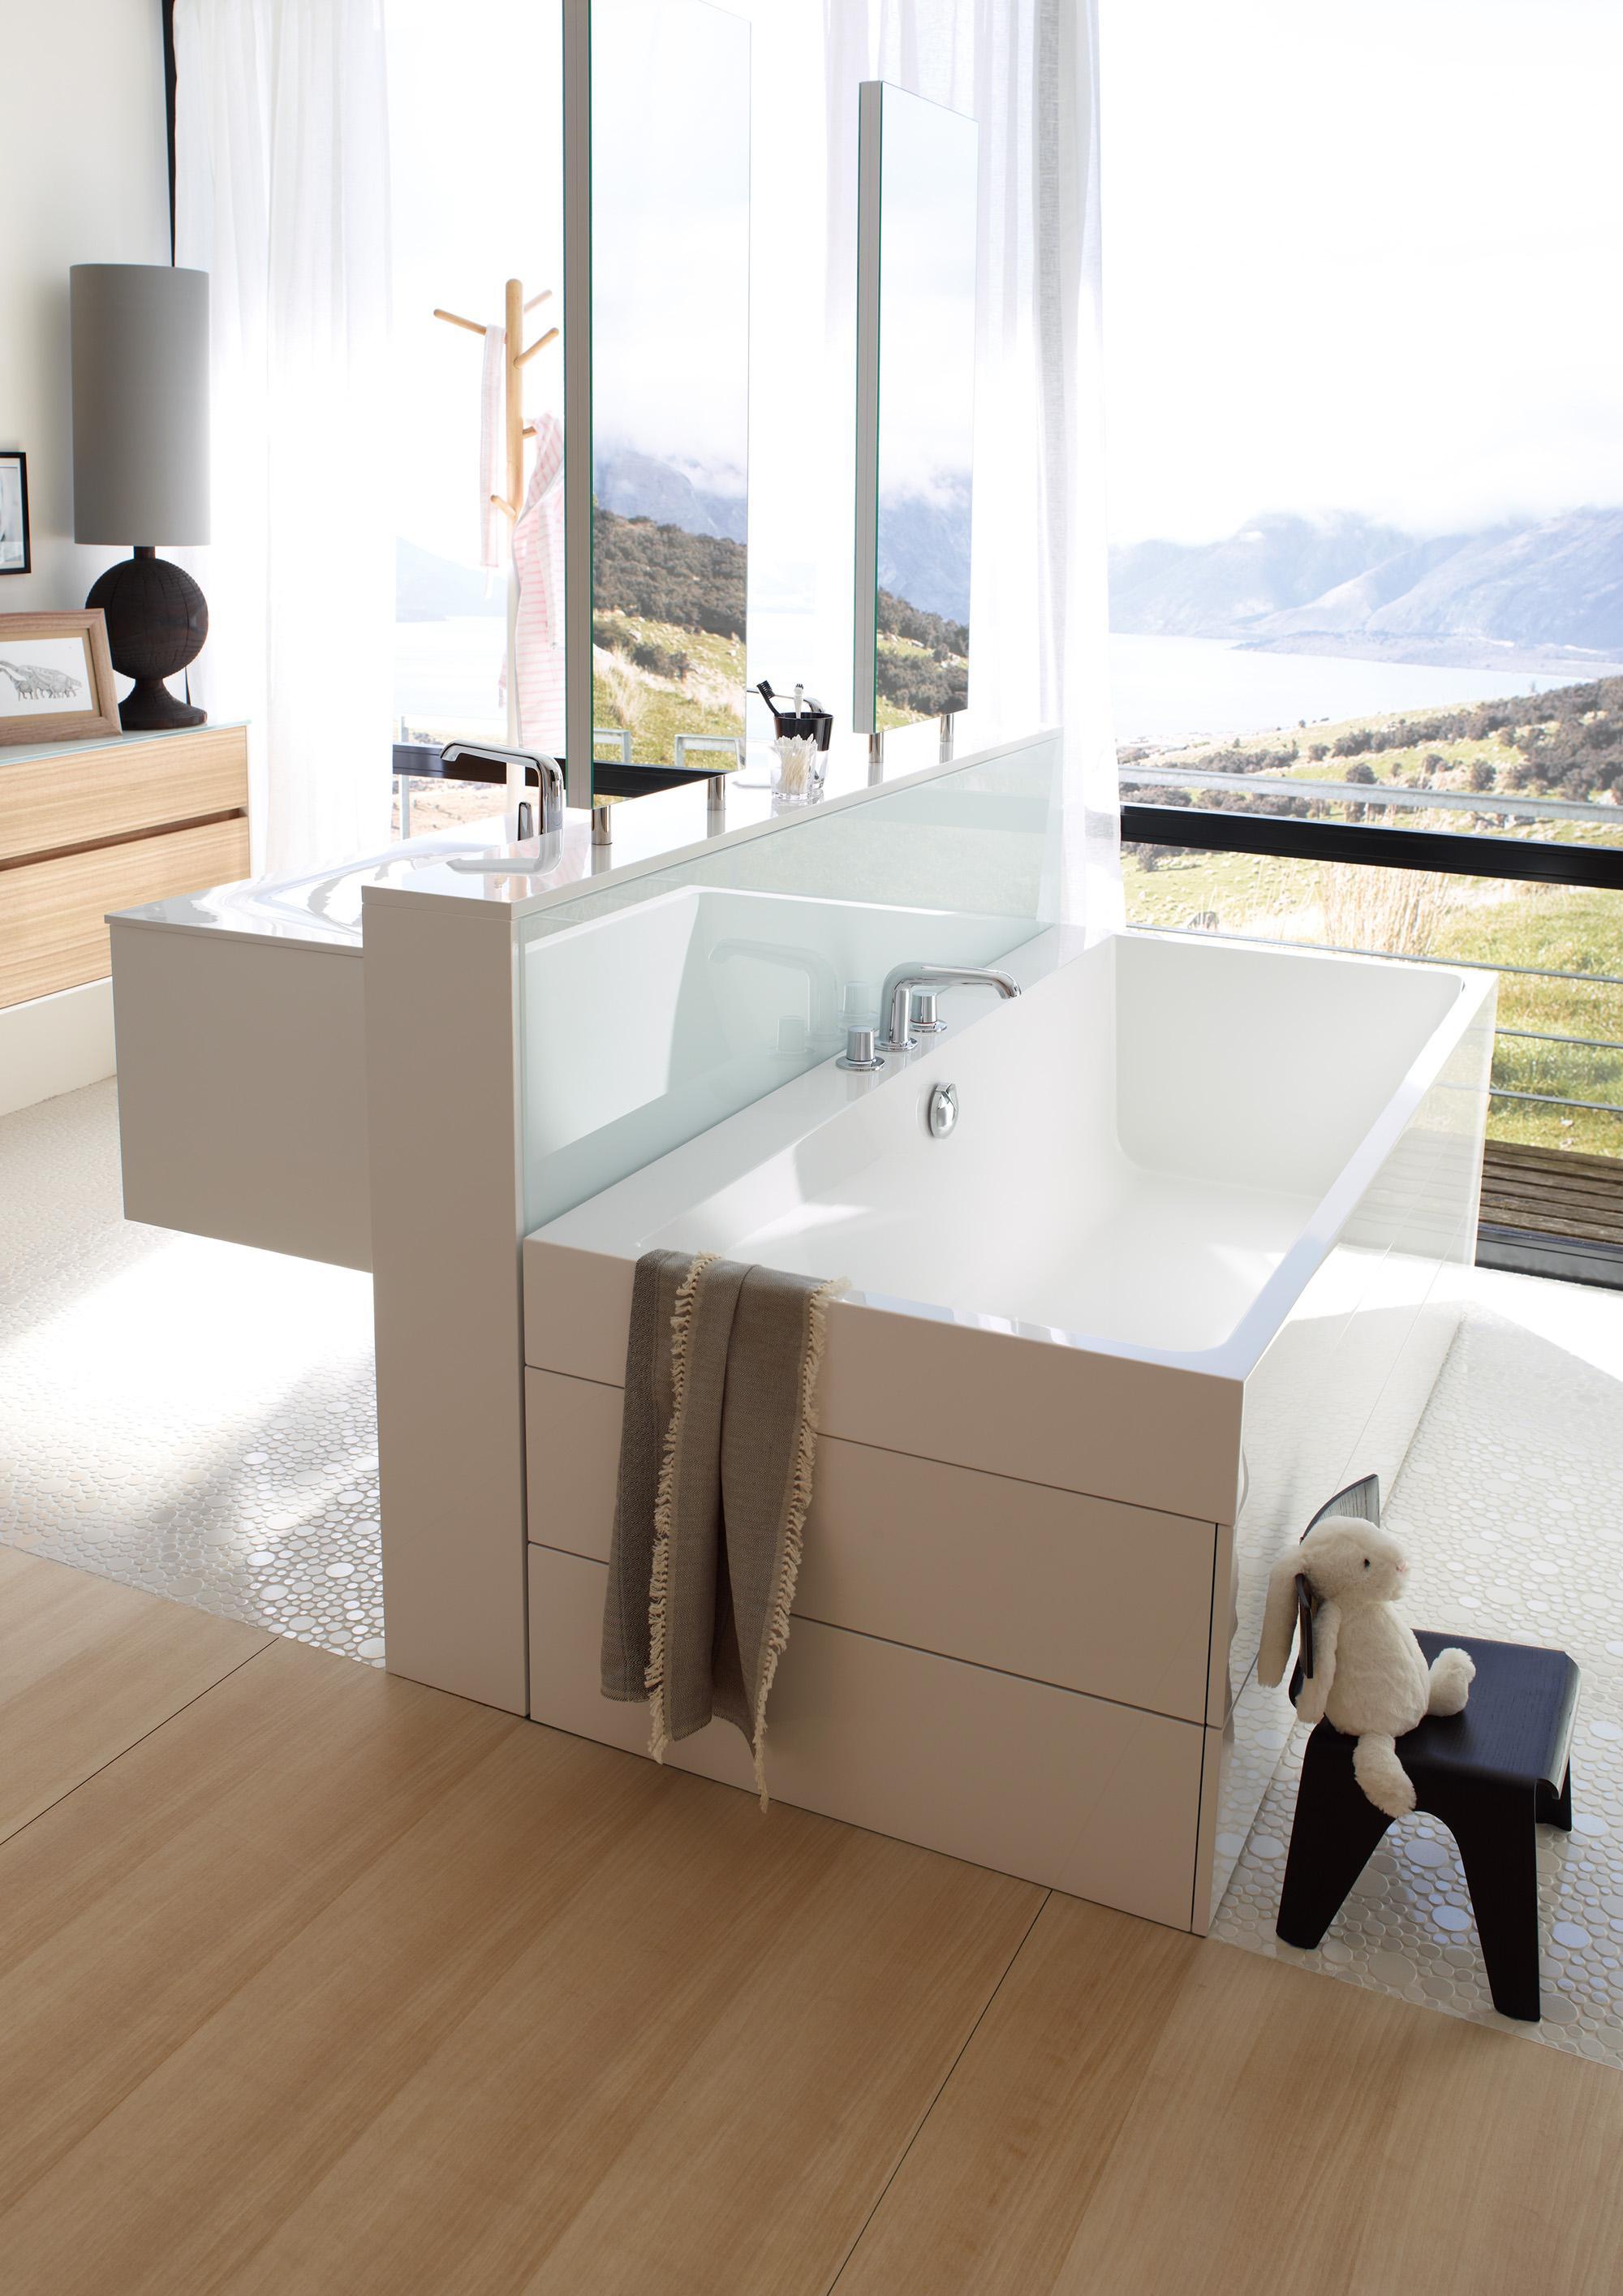 Eingebaute badewanne bilder ideen couchstyle for Bad waschtisch mit spiegelschrank